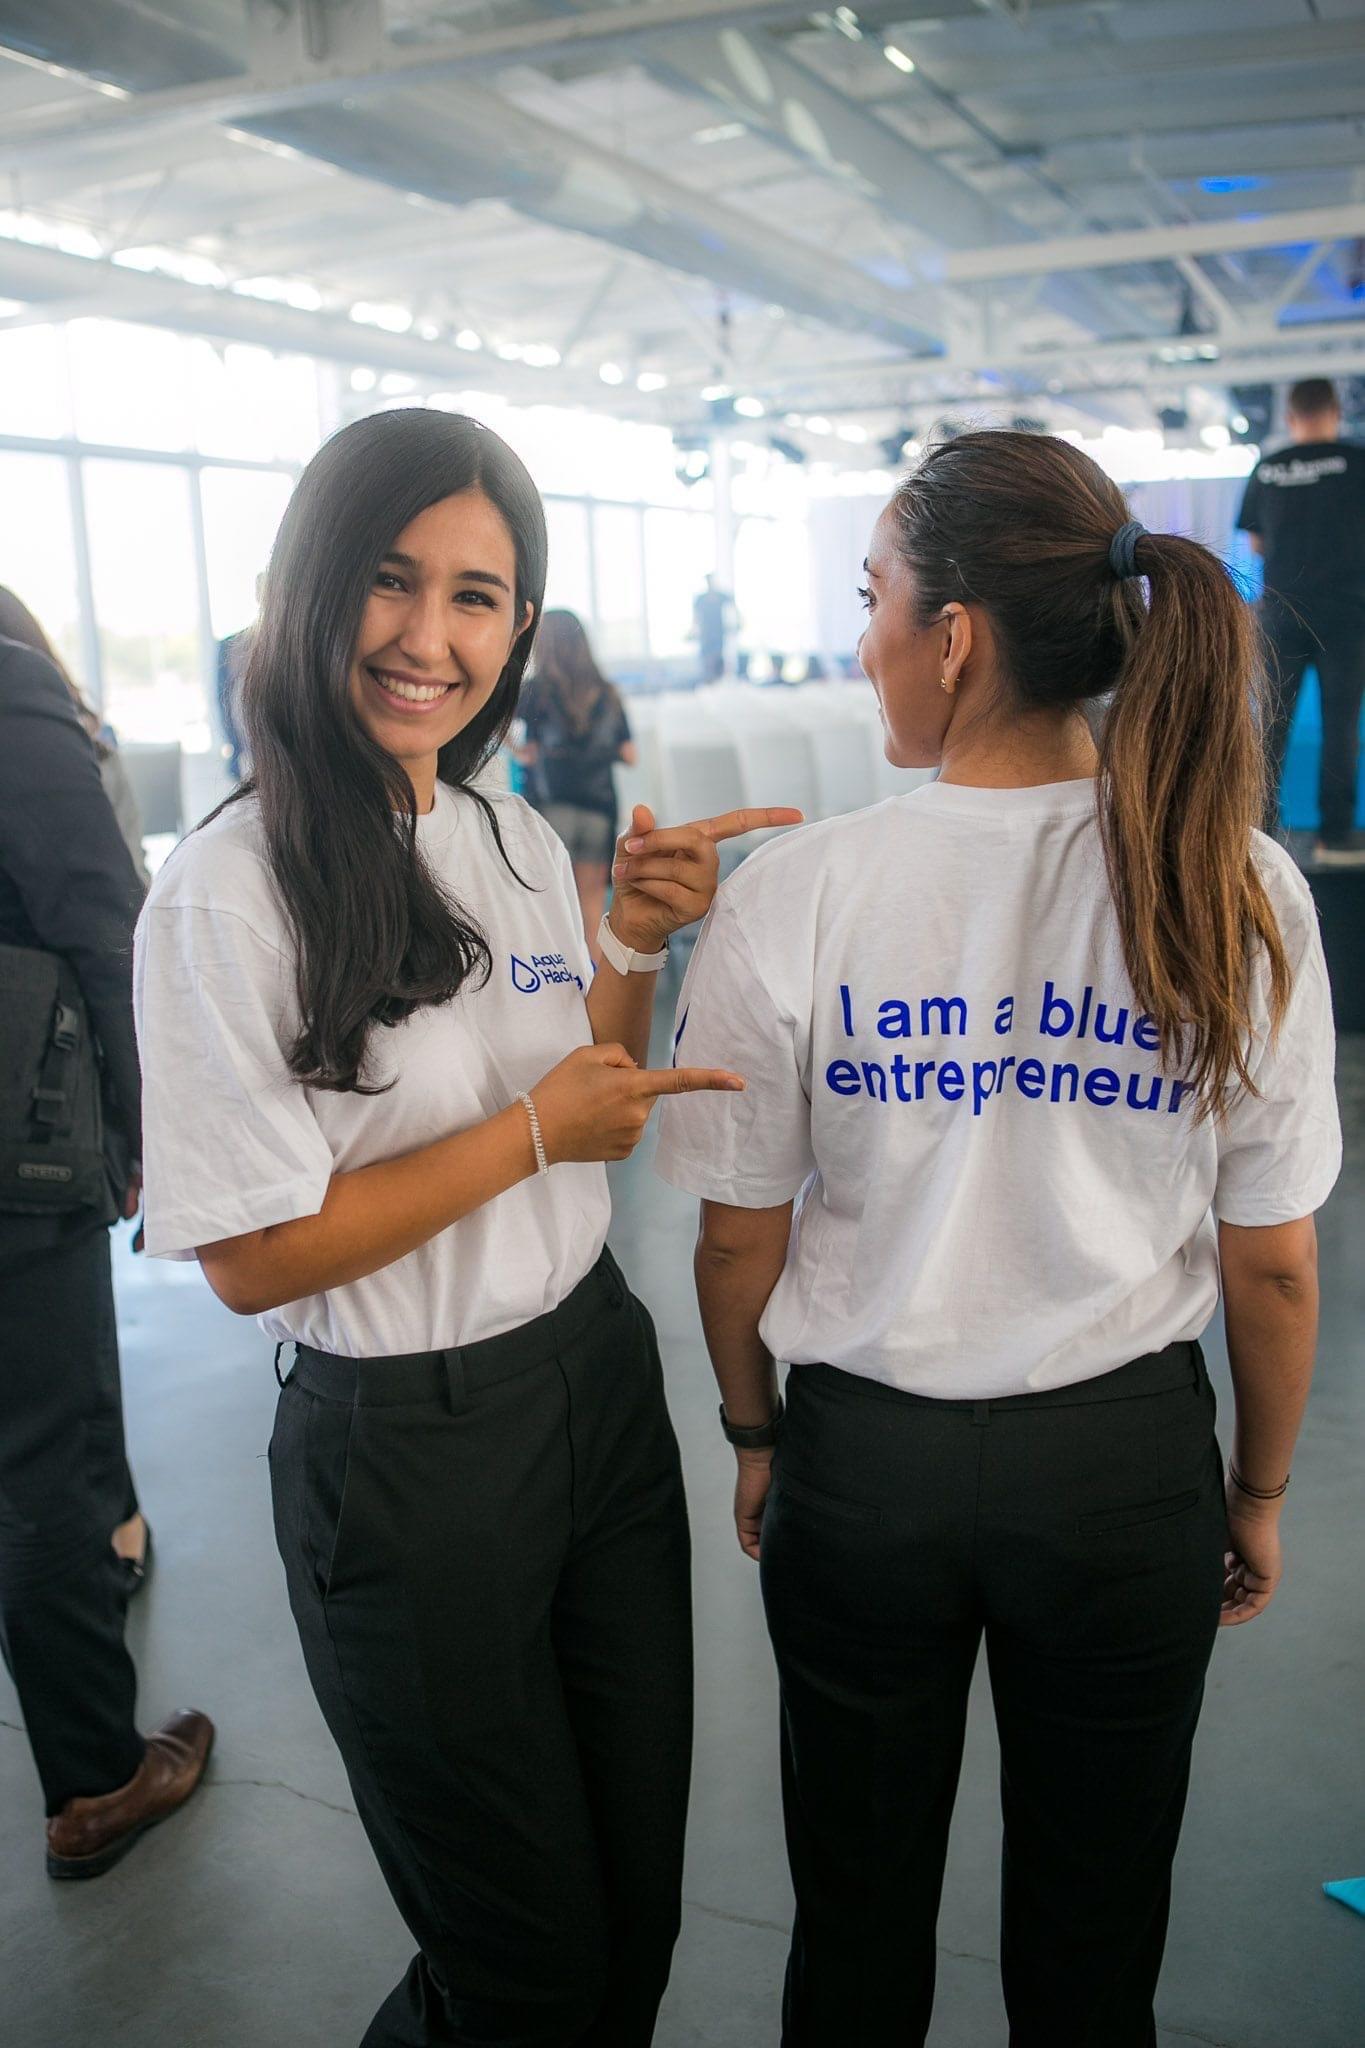 AquaHacking : La programmation 2021 est lancée virtuellement